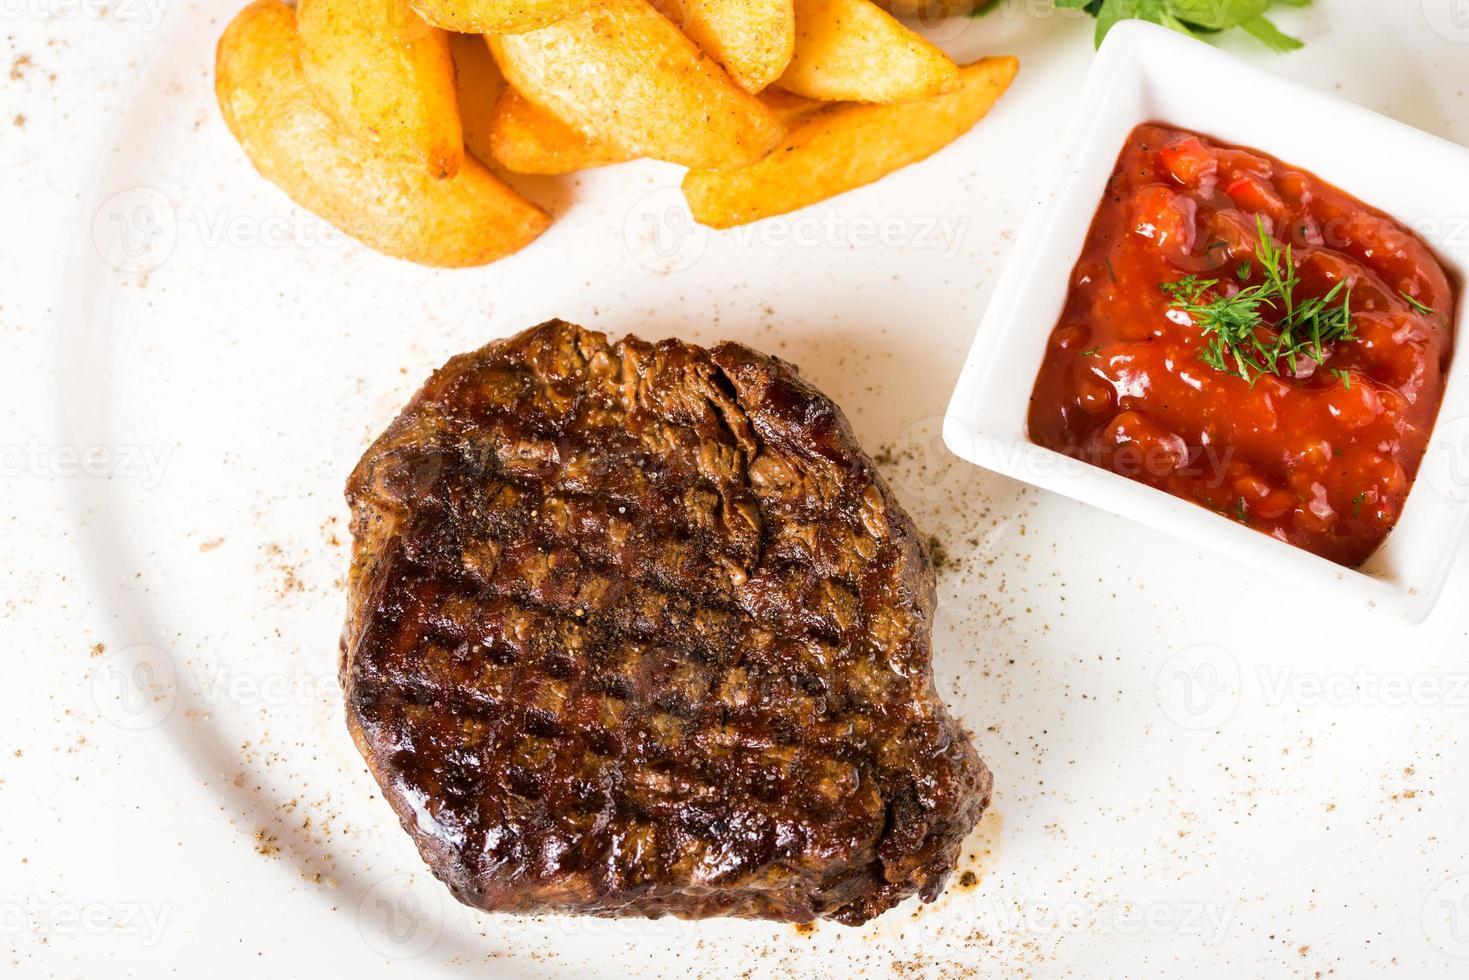 vlees steak met aardappelen foto